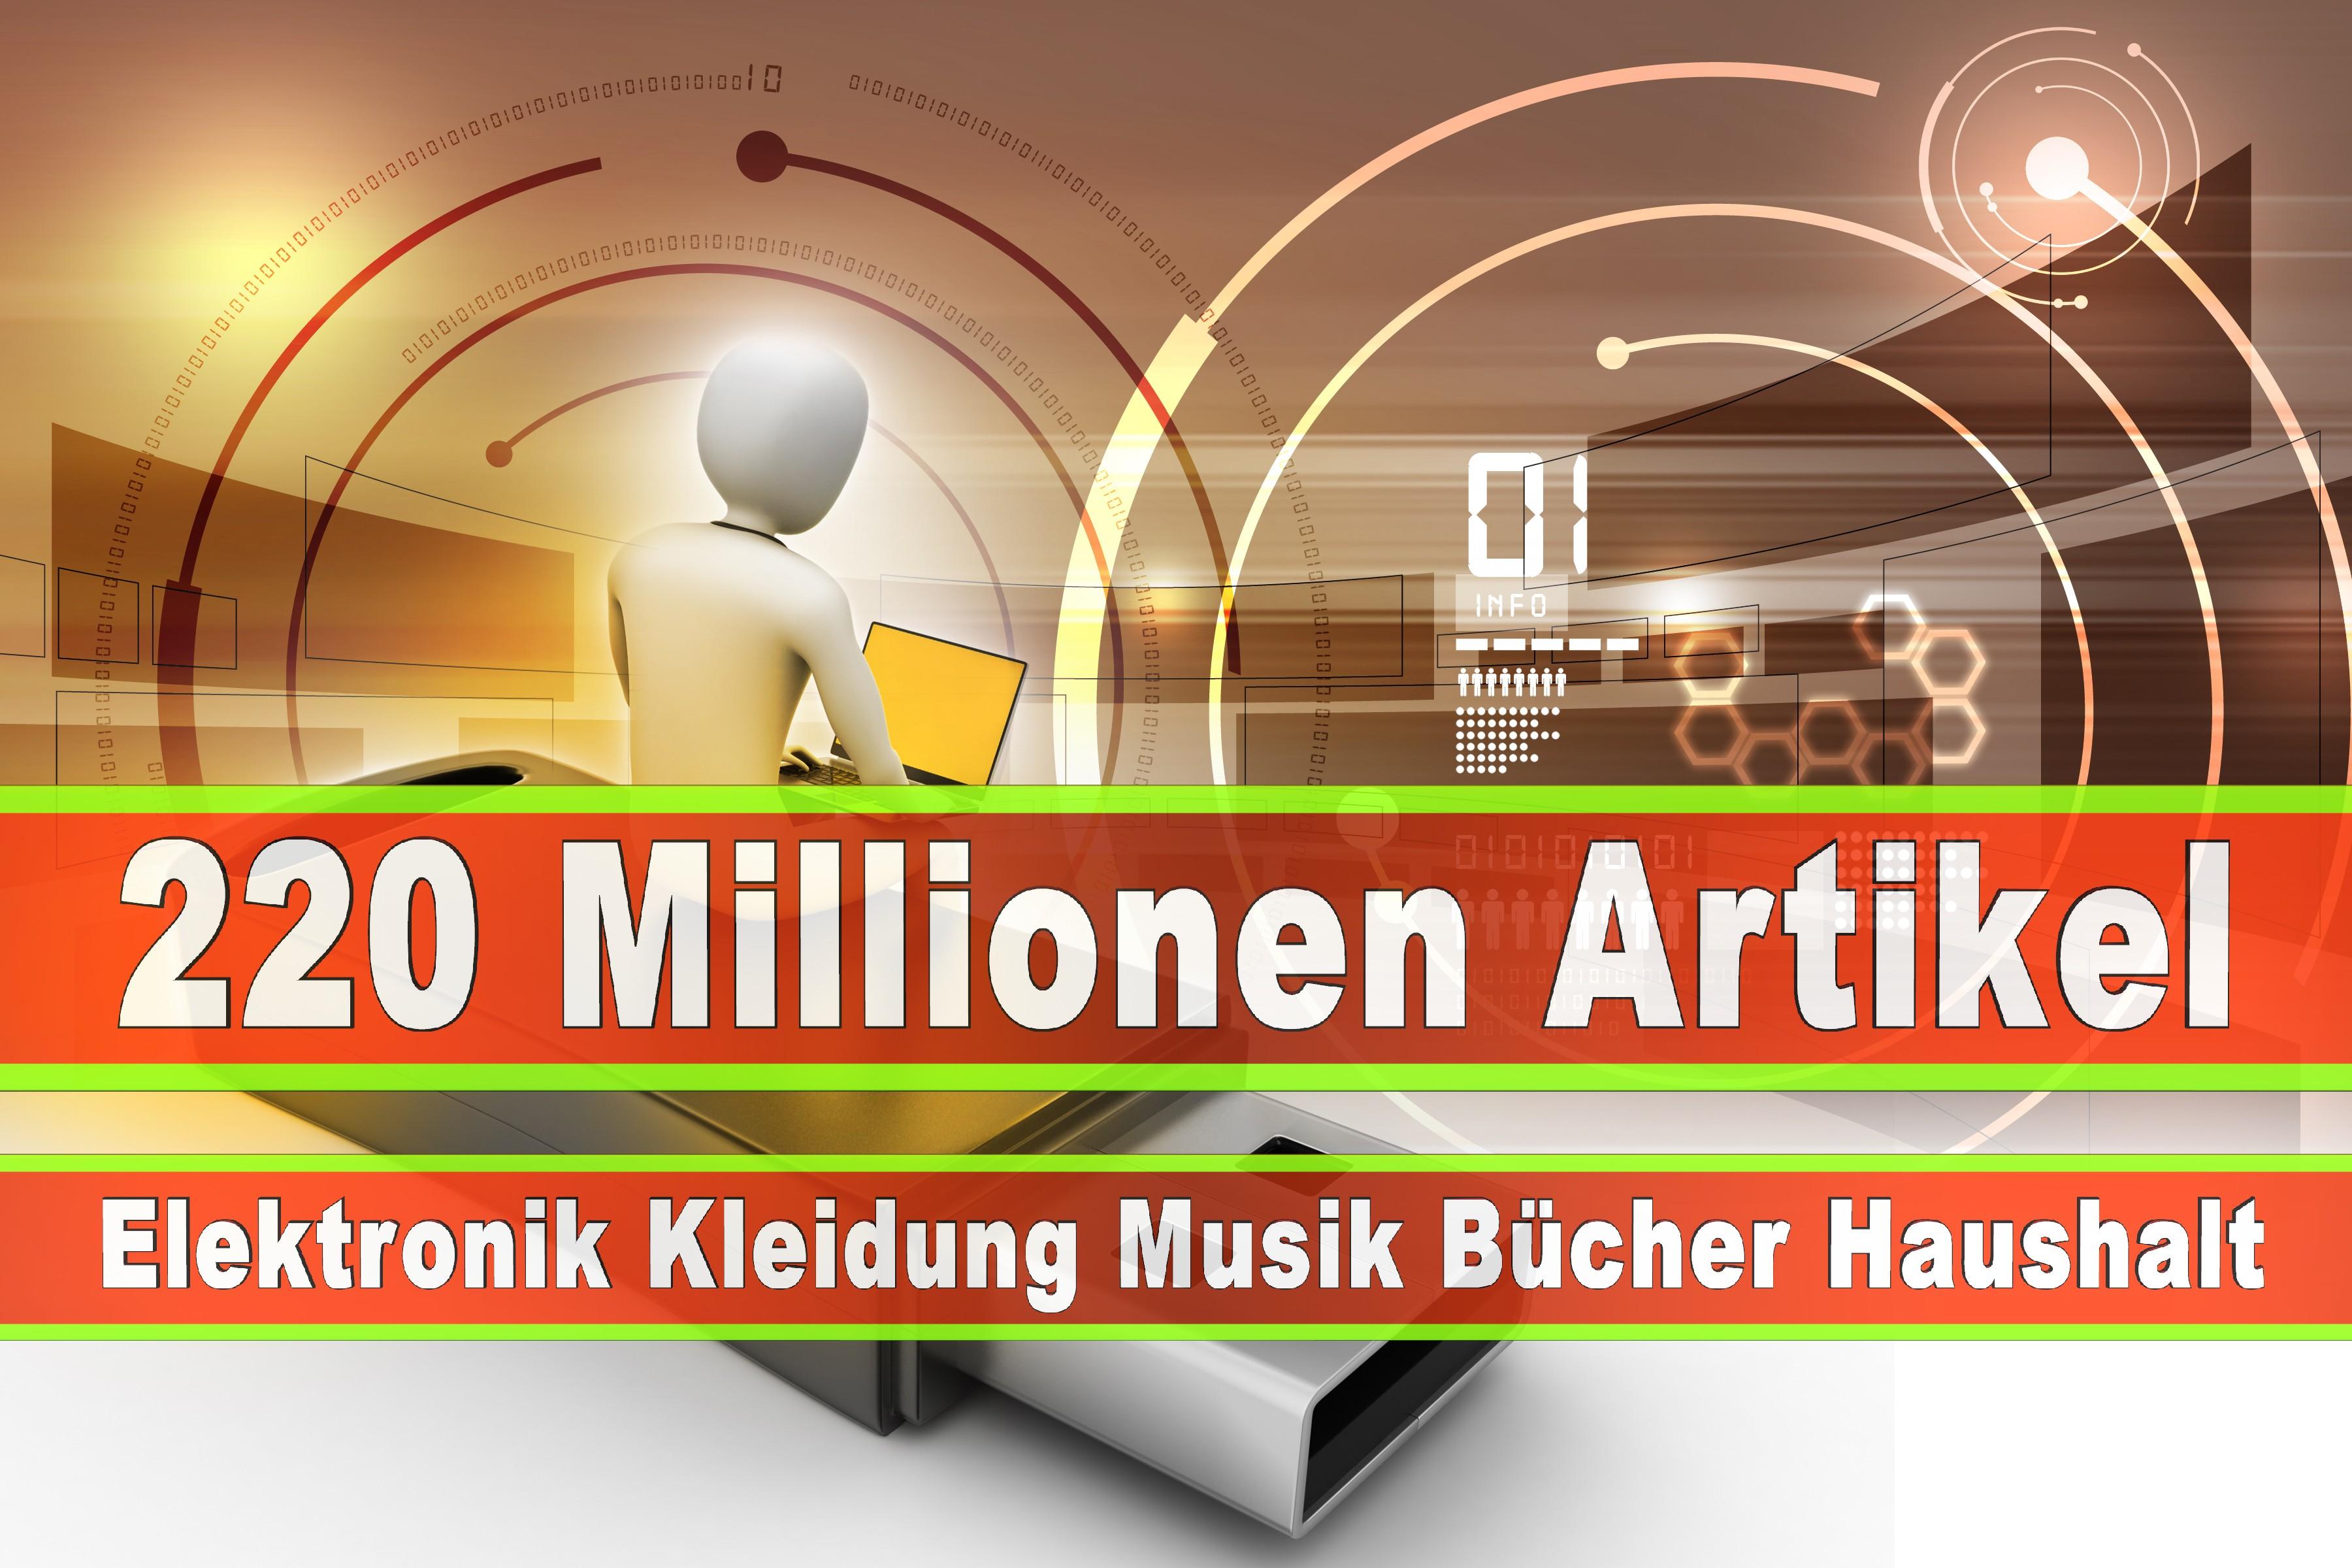 Amazon Elektronik Musik Haushalt Bücher CD DVD Handys Smartphones TV Television Fernseher Kleidung Mode Ebay (1)